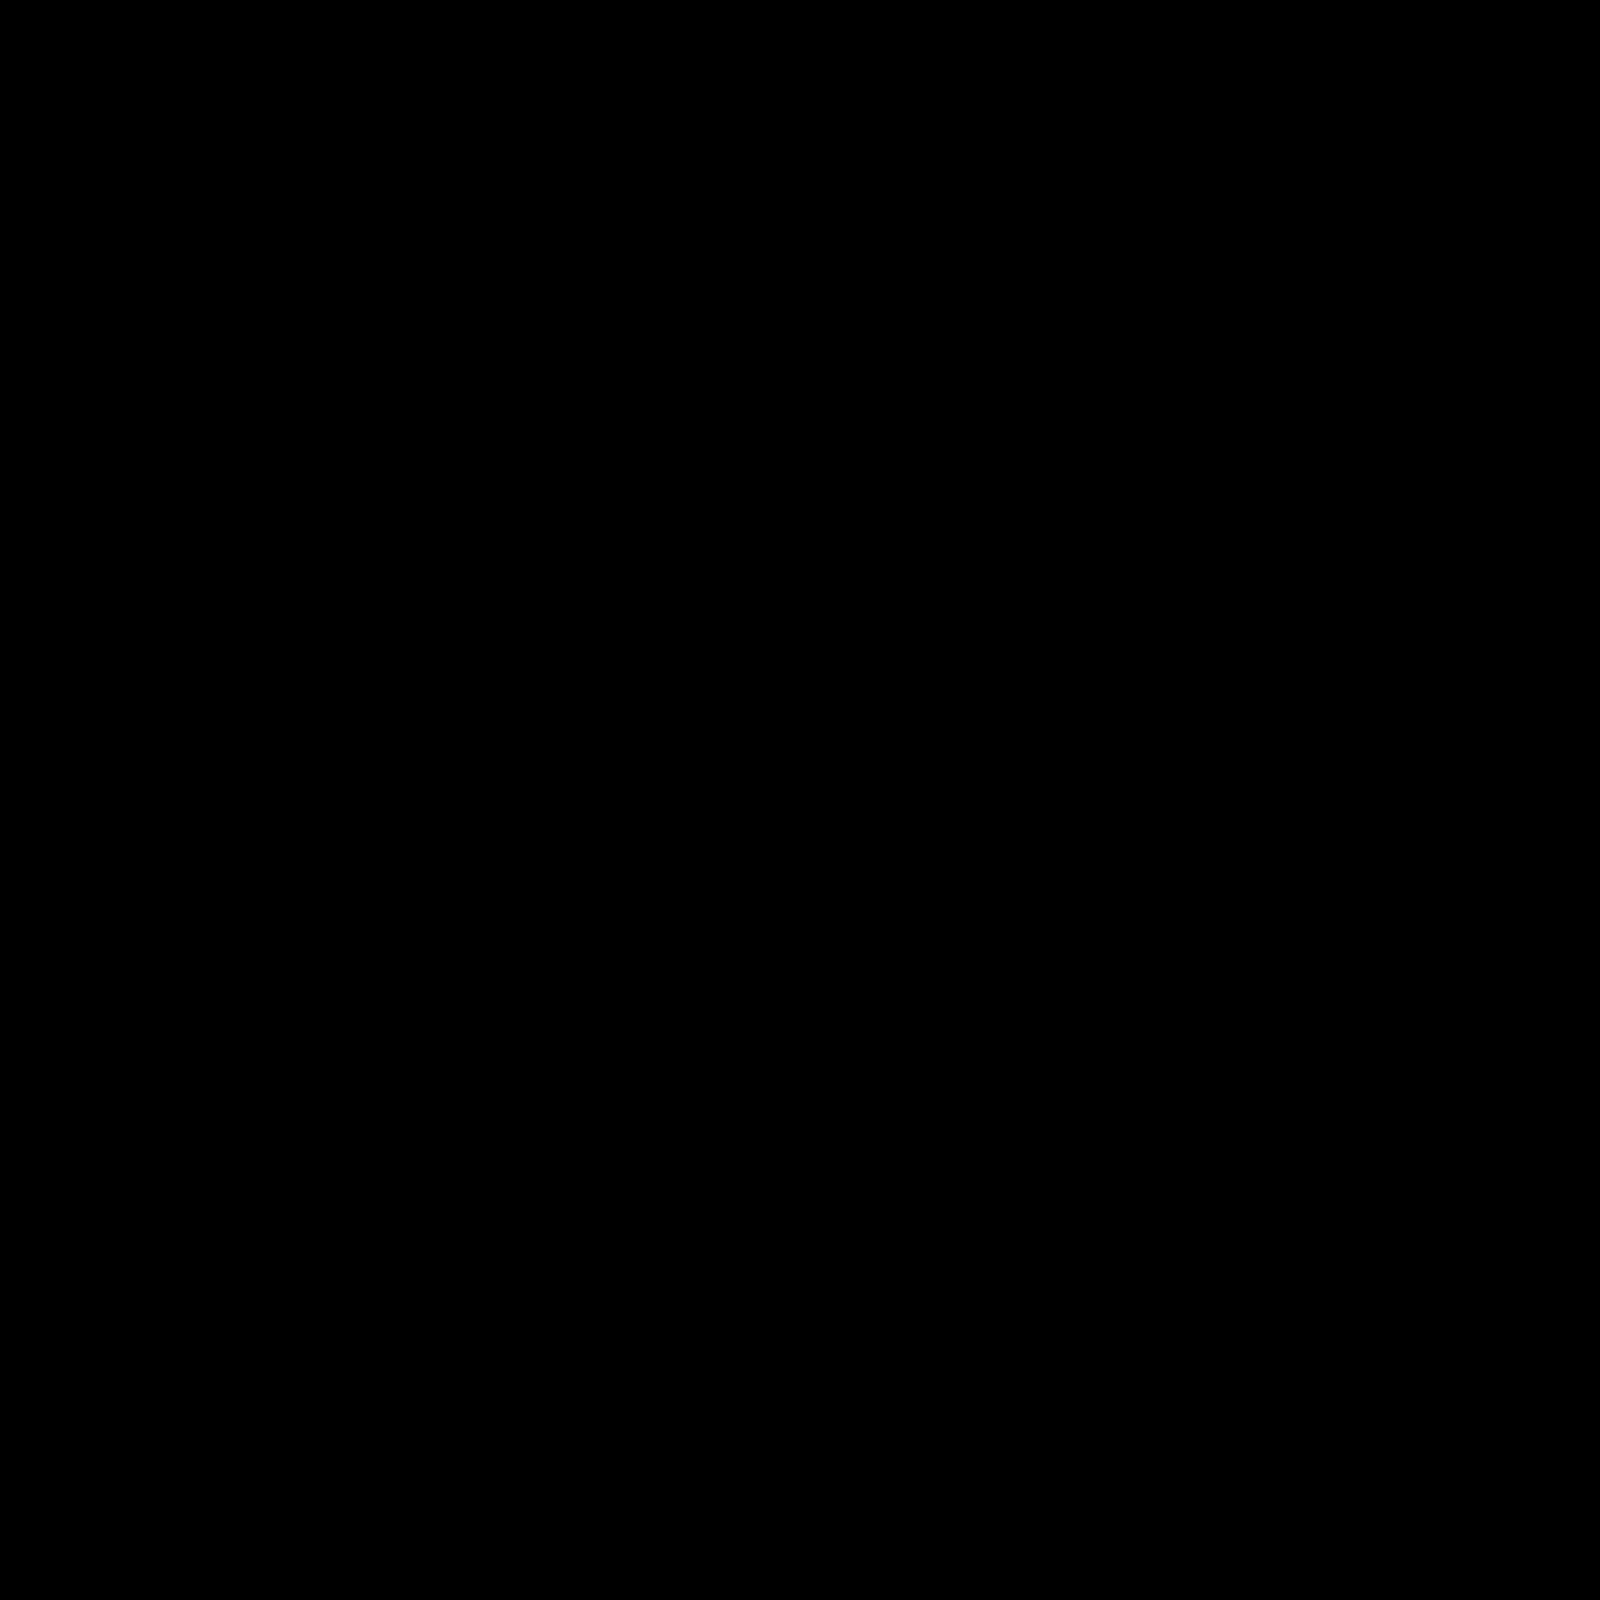 Kod tokenu karty icon